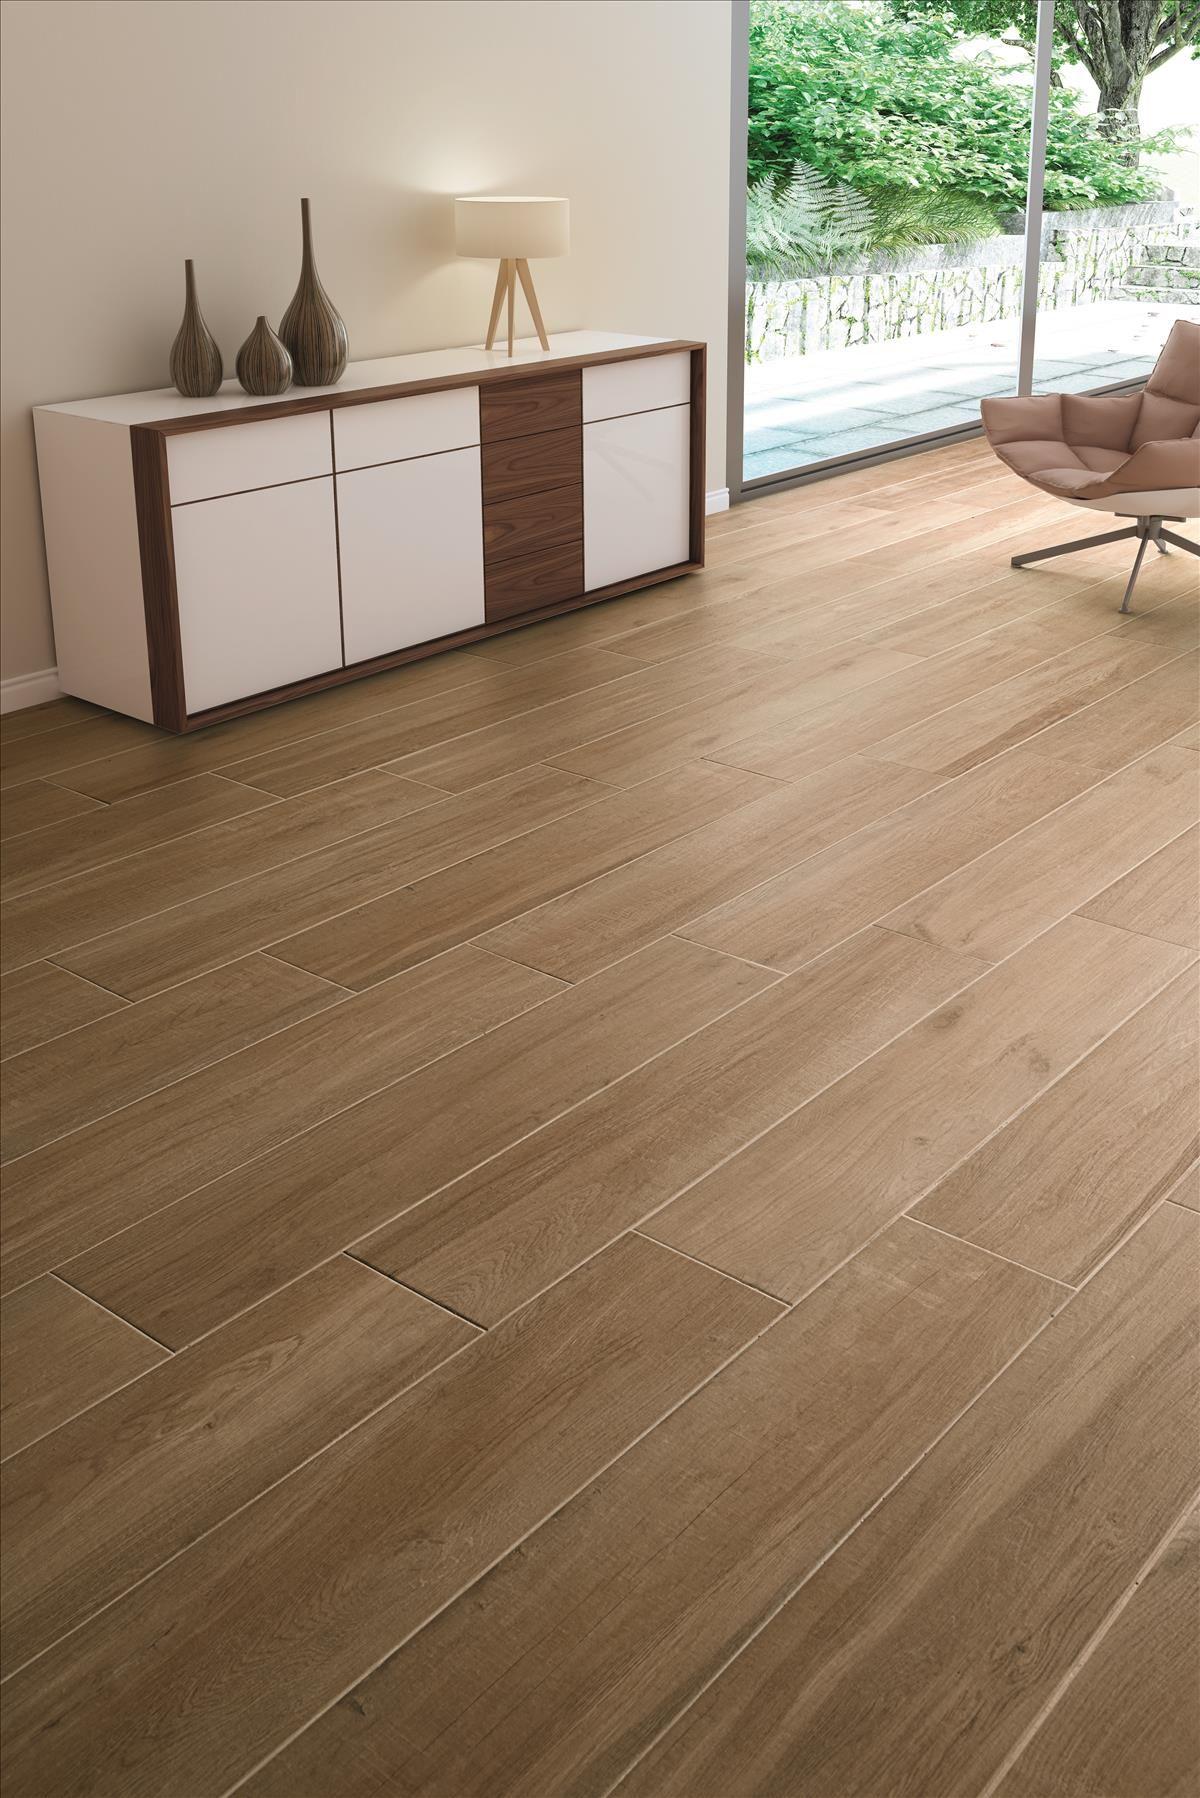 Pavimento imitación madera TERK NATURAL 1ª 23x120 Piso